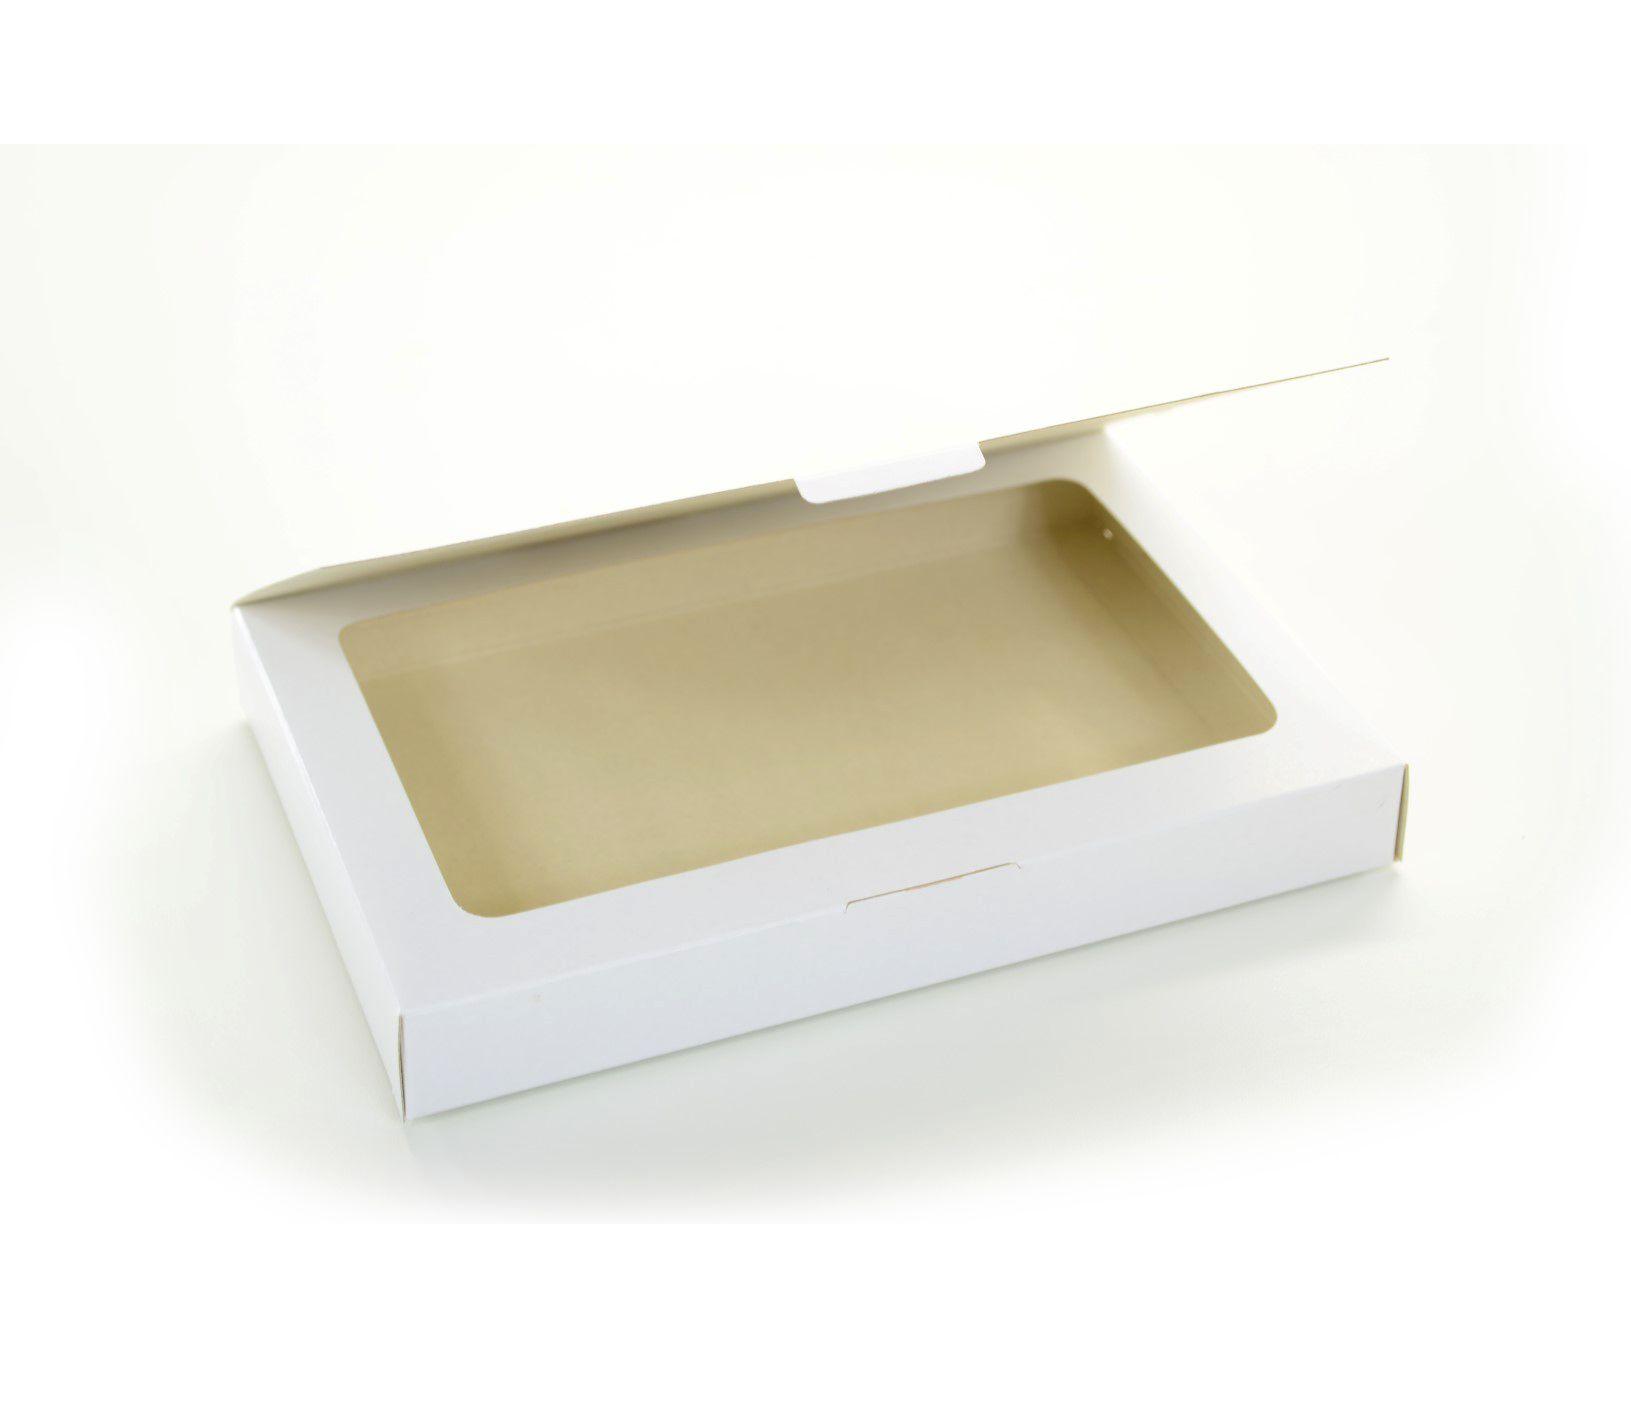 Ref 010 Branca - Caixa estojo - 24x16x3 cm - c/ 10 unidades